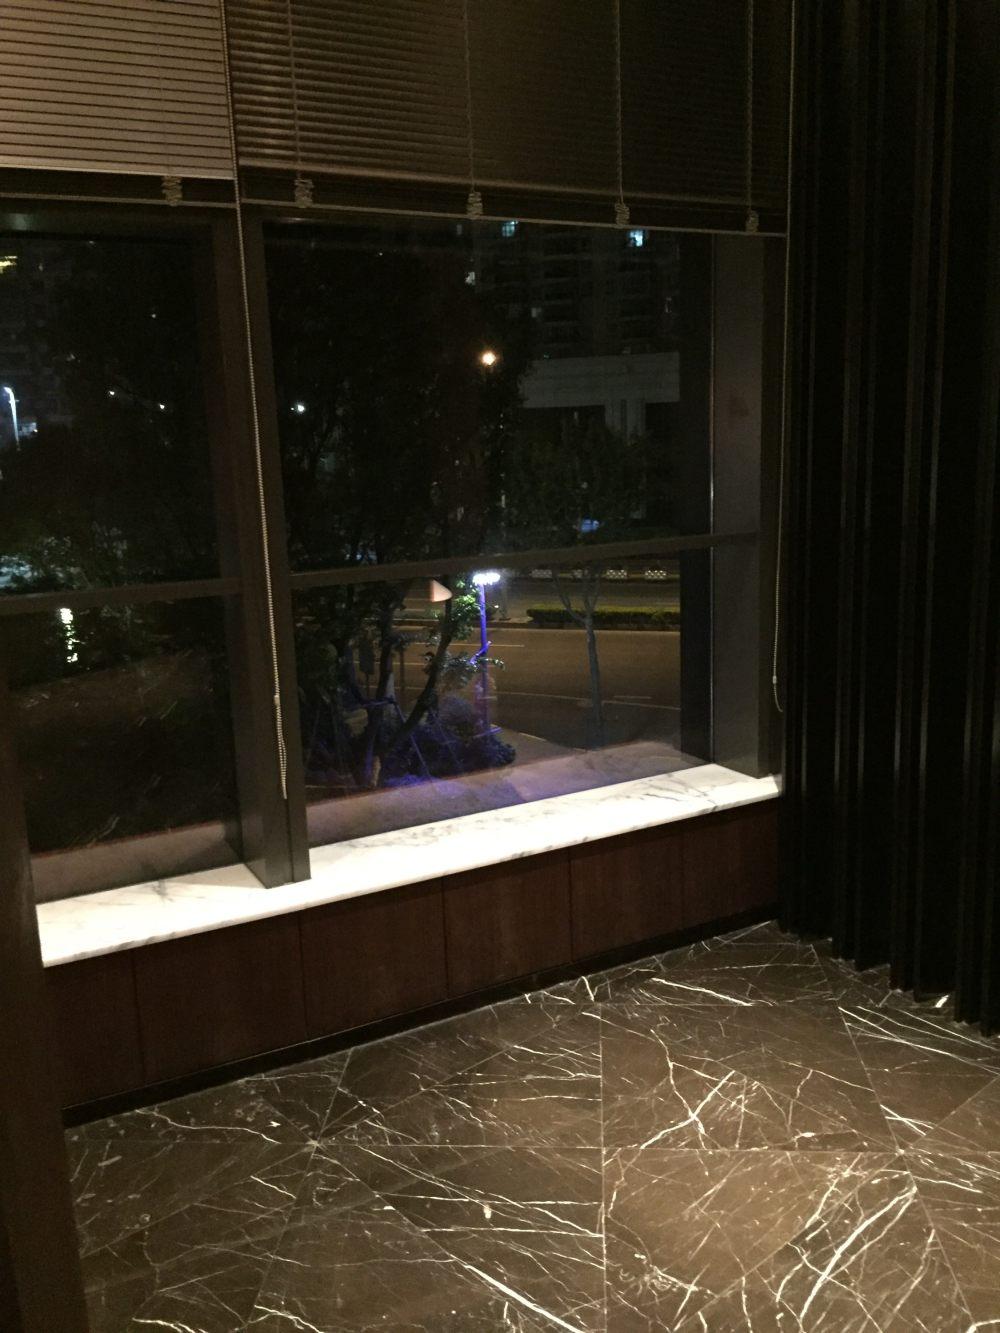 上海外滩W酒店,史上最全入住体验 自拍分享,申请置...._IMG_6065.JPG